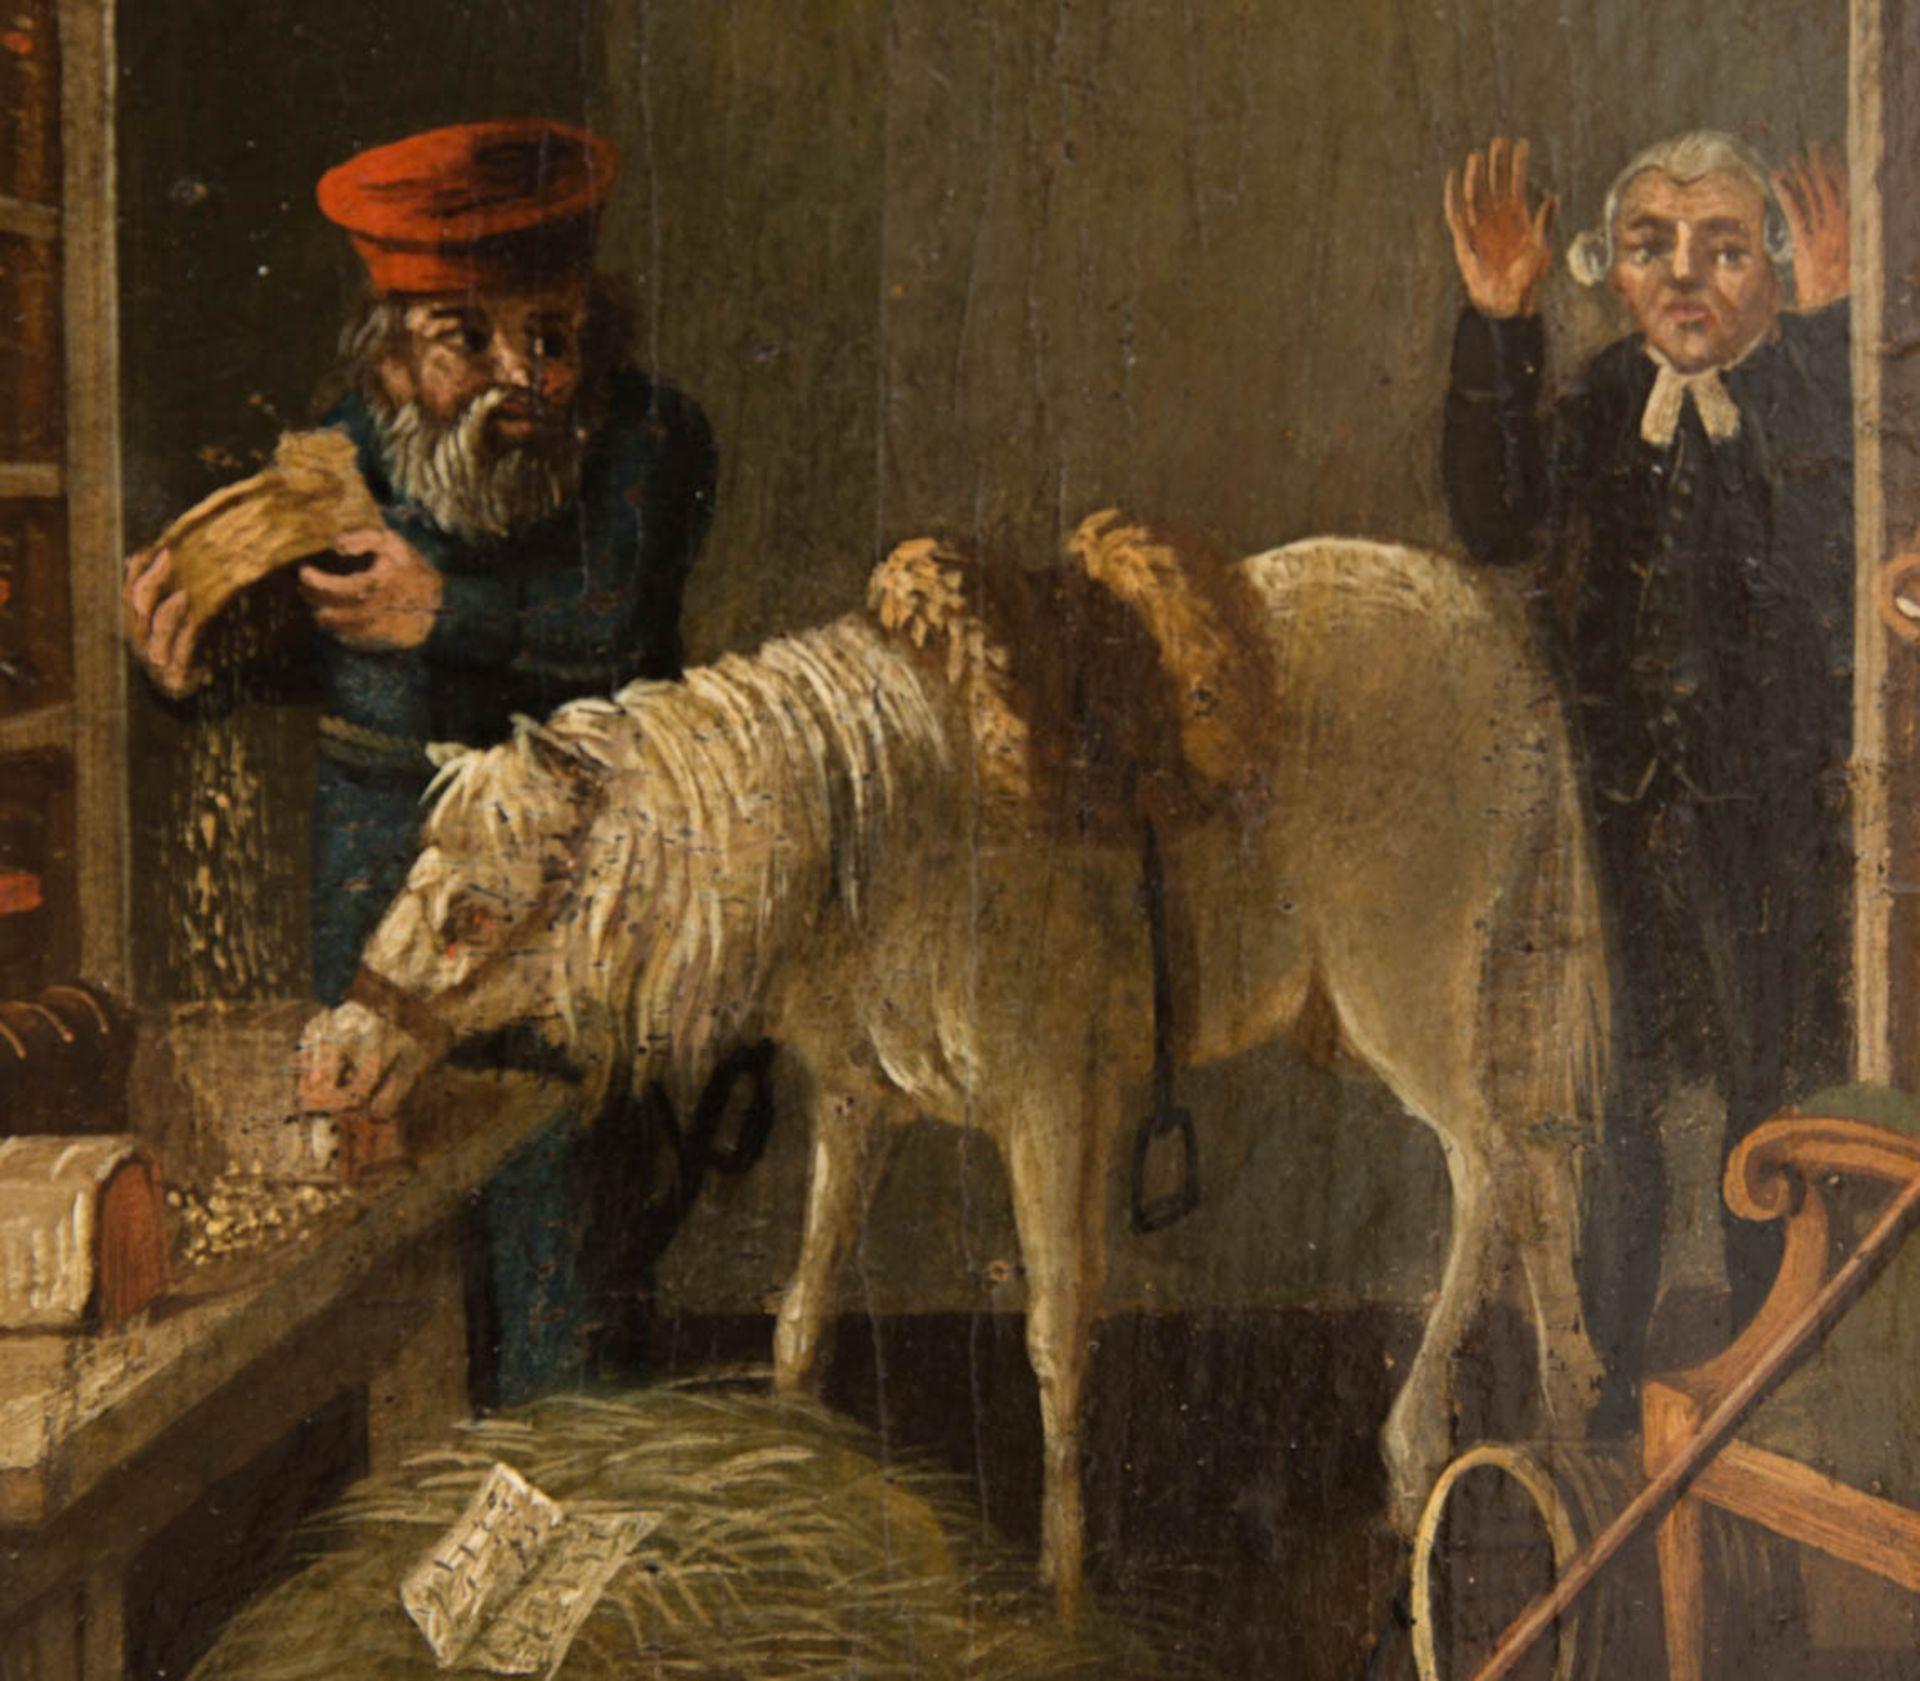 Johann Phillipp Ulbricht, Paar humorvolle Szenen, Öl auf Holz, Mitte 18. Jh. - Bild 11 aus 12